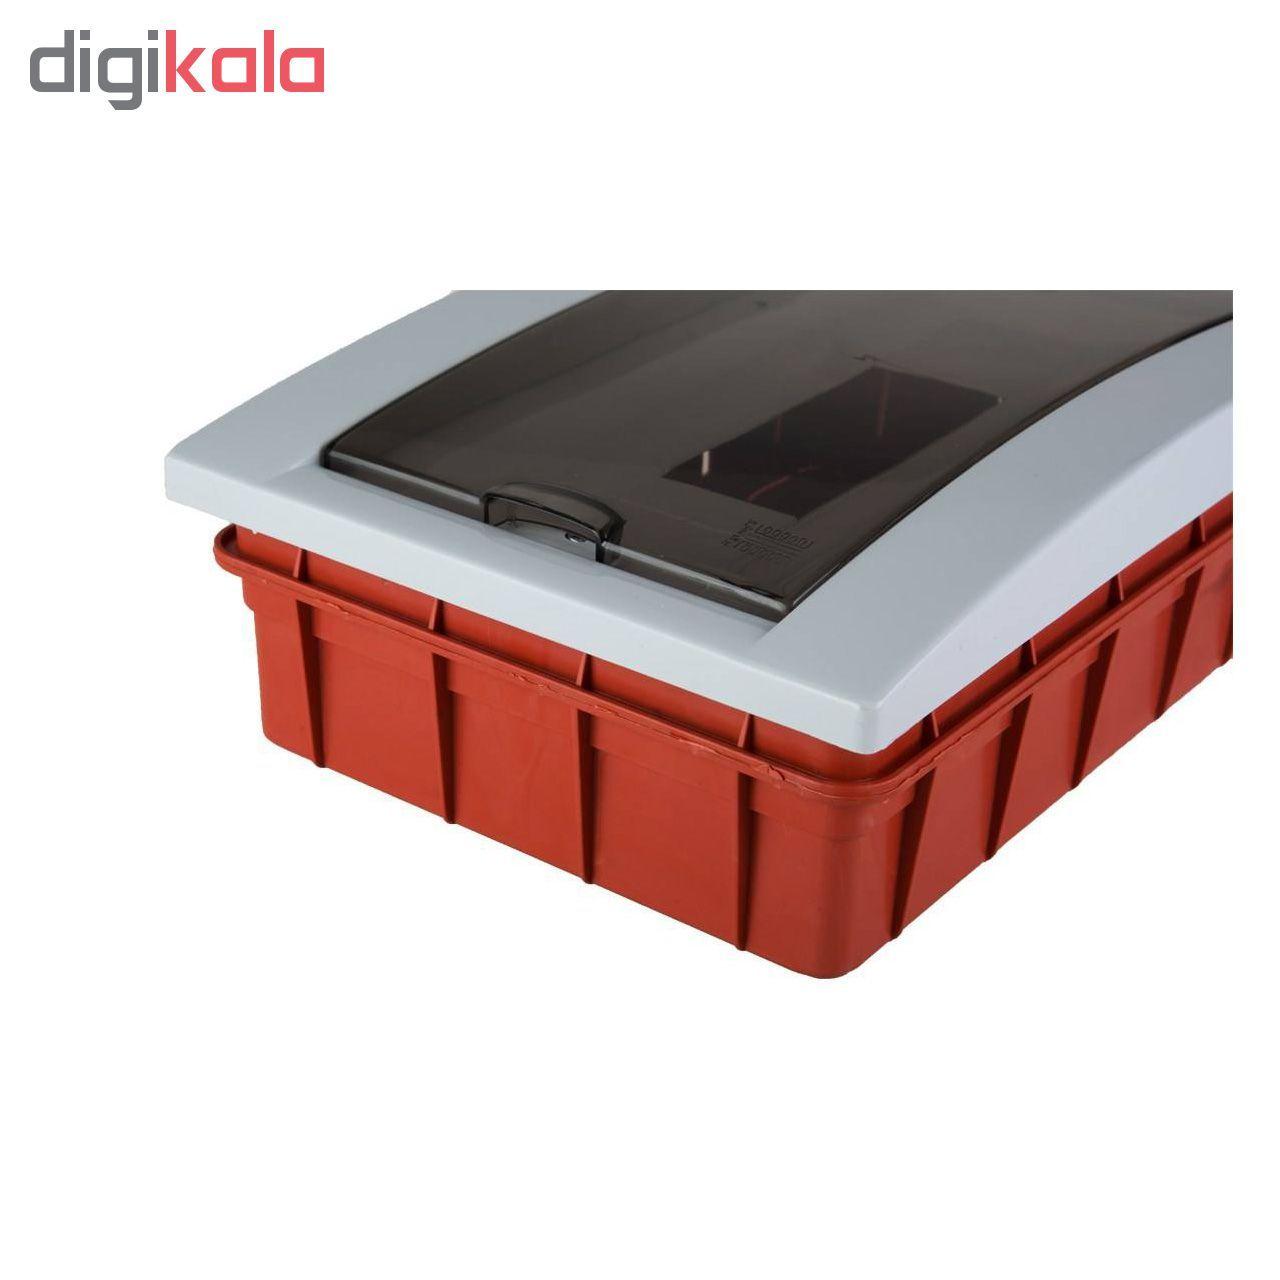 جعبه فیوز 4 عددی برق سارو مدل 1009 main 1 2